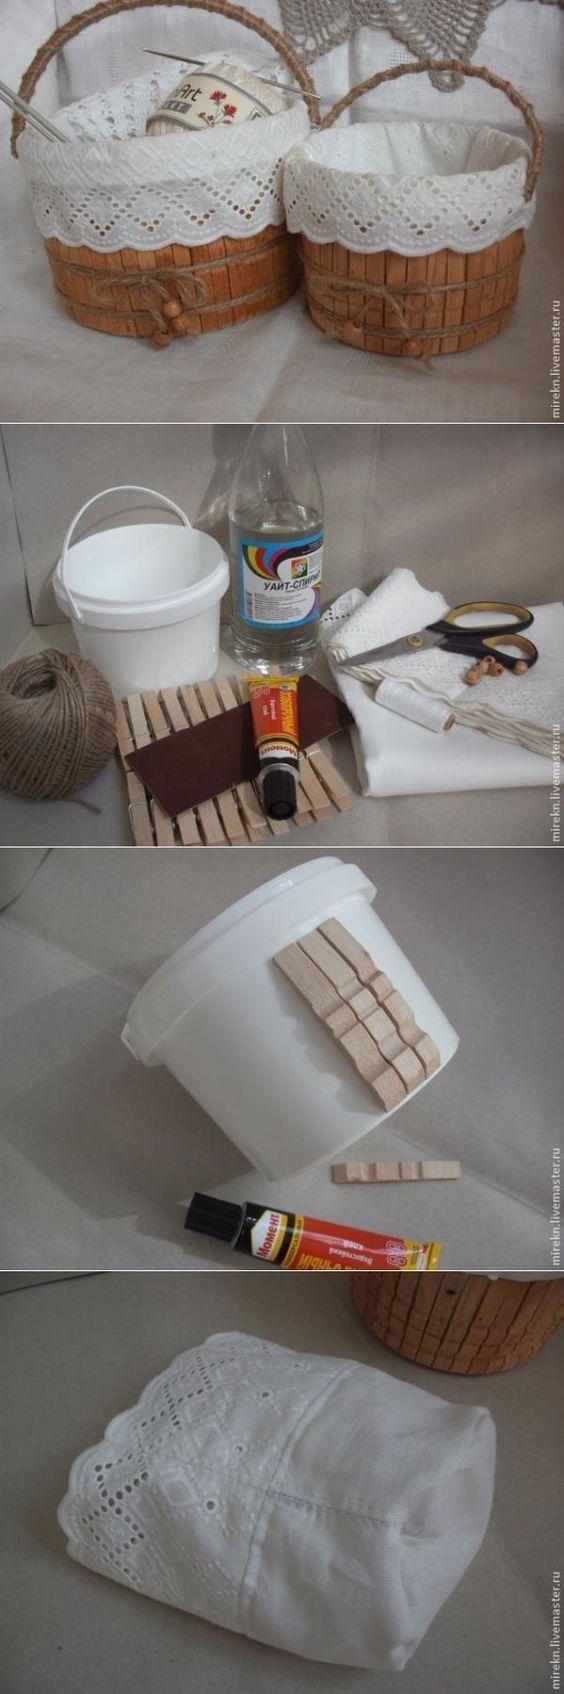 Stilvoller und dekorativer Korb, der die Wiederverwertung mit Plastikeimer macht